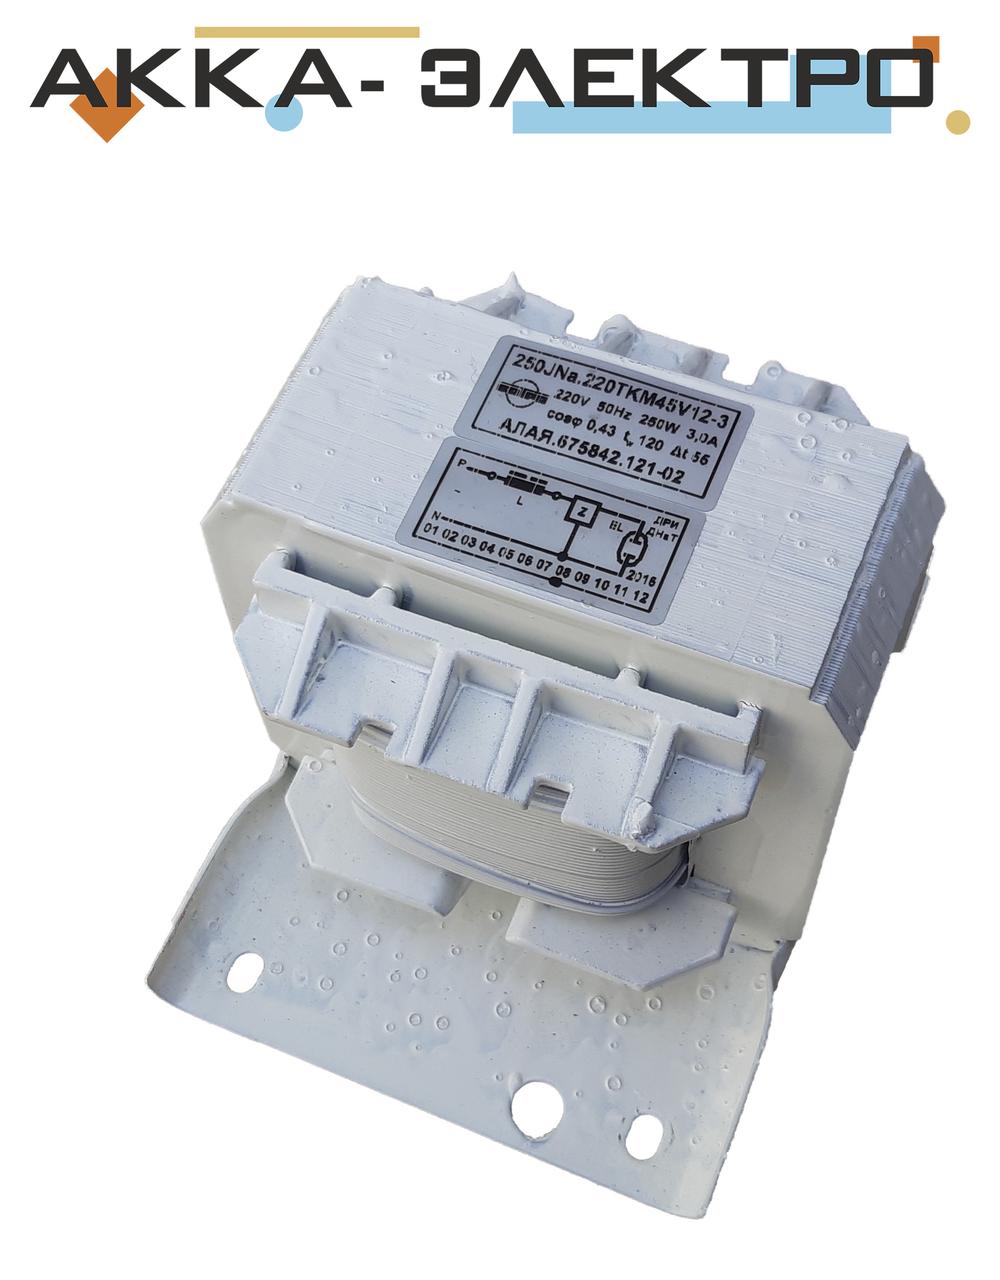 Балласт (дроссель) для ламп ДРЛ / МГЛ 250Вт